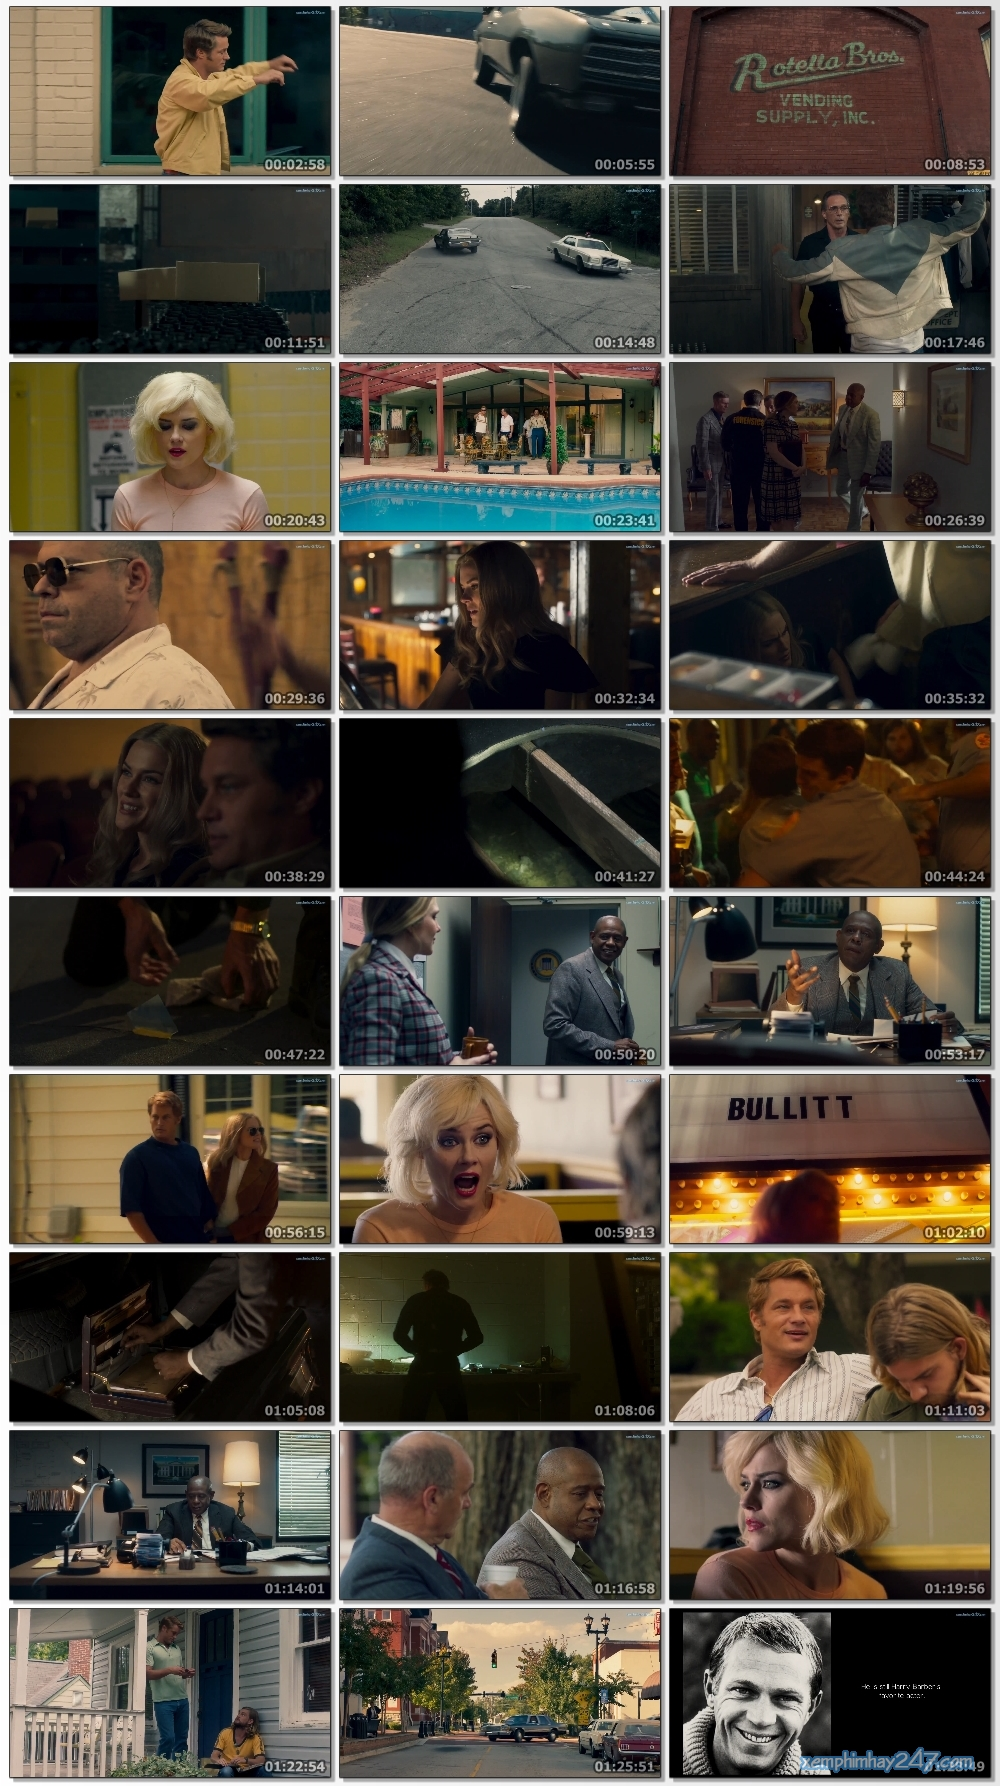 http://xemphimhay247.com - Xem phim hay 247 - Năm Tên Trộm Sa Bẫy (2019) - Finding Steve Mcqueen (2019)